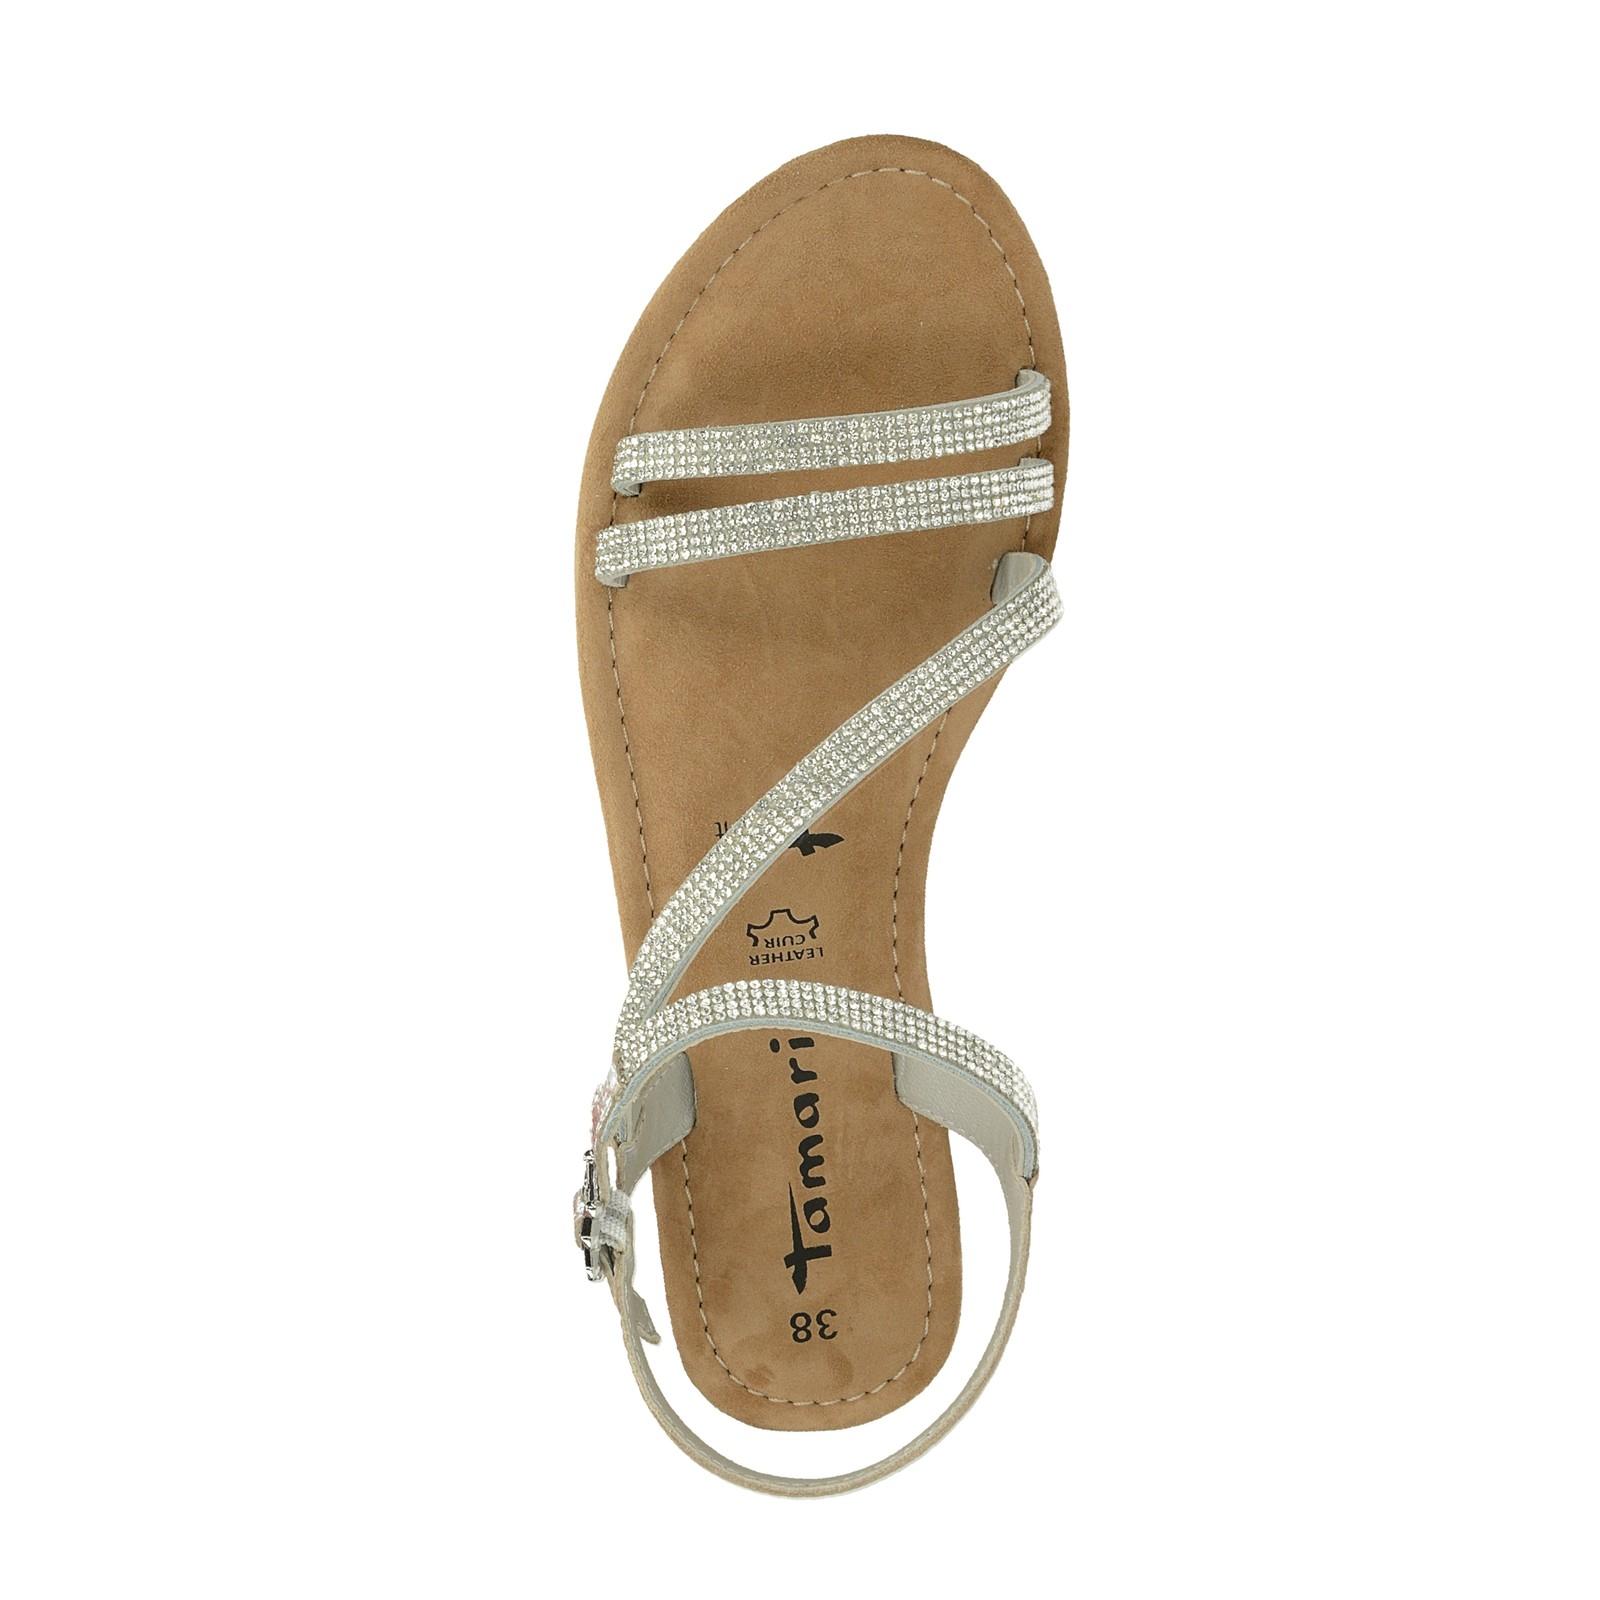 1f526cc87c73 Tamaris dámske elegantné sandále s ozdobnými kamienkami - strieborné ...